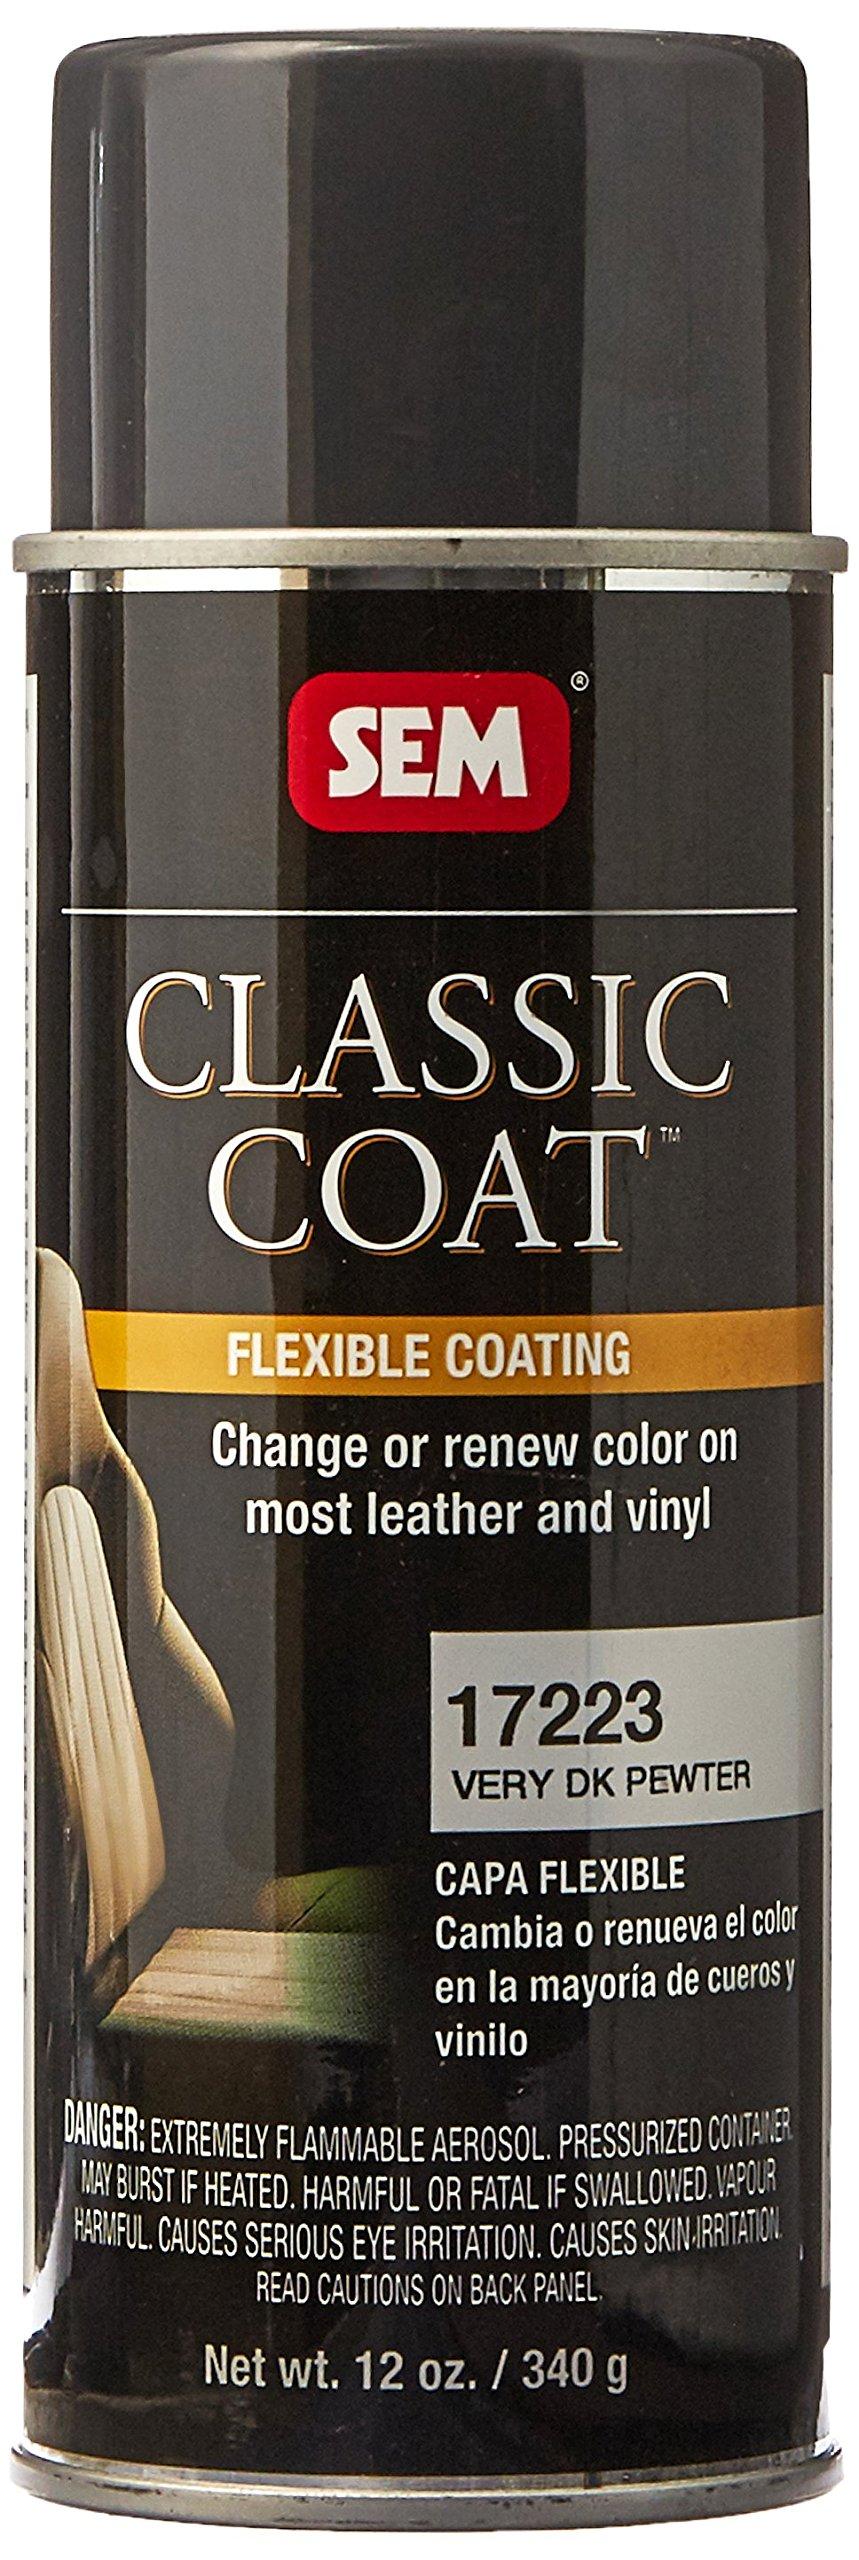 SEM 17223 Very Dark Pewter Classic Coat - 12 oz.